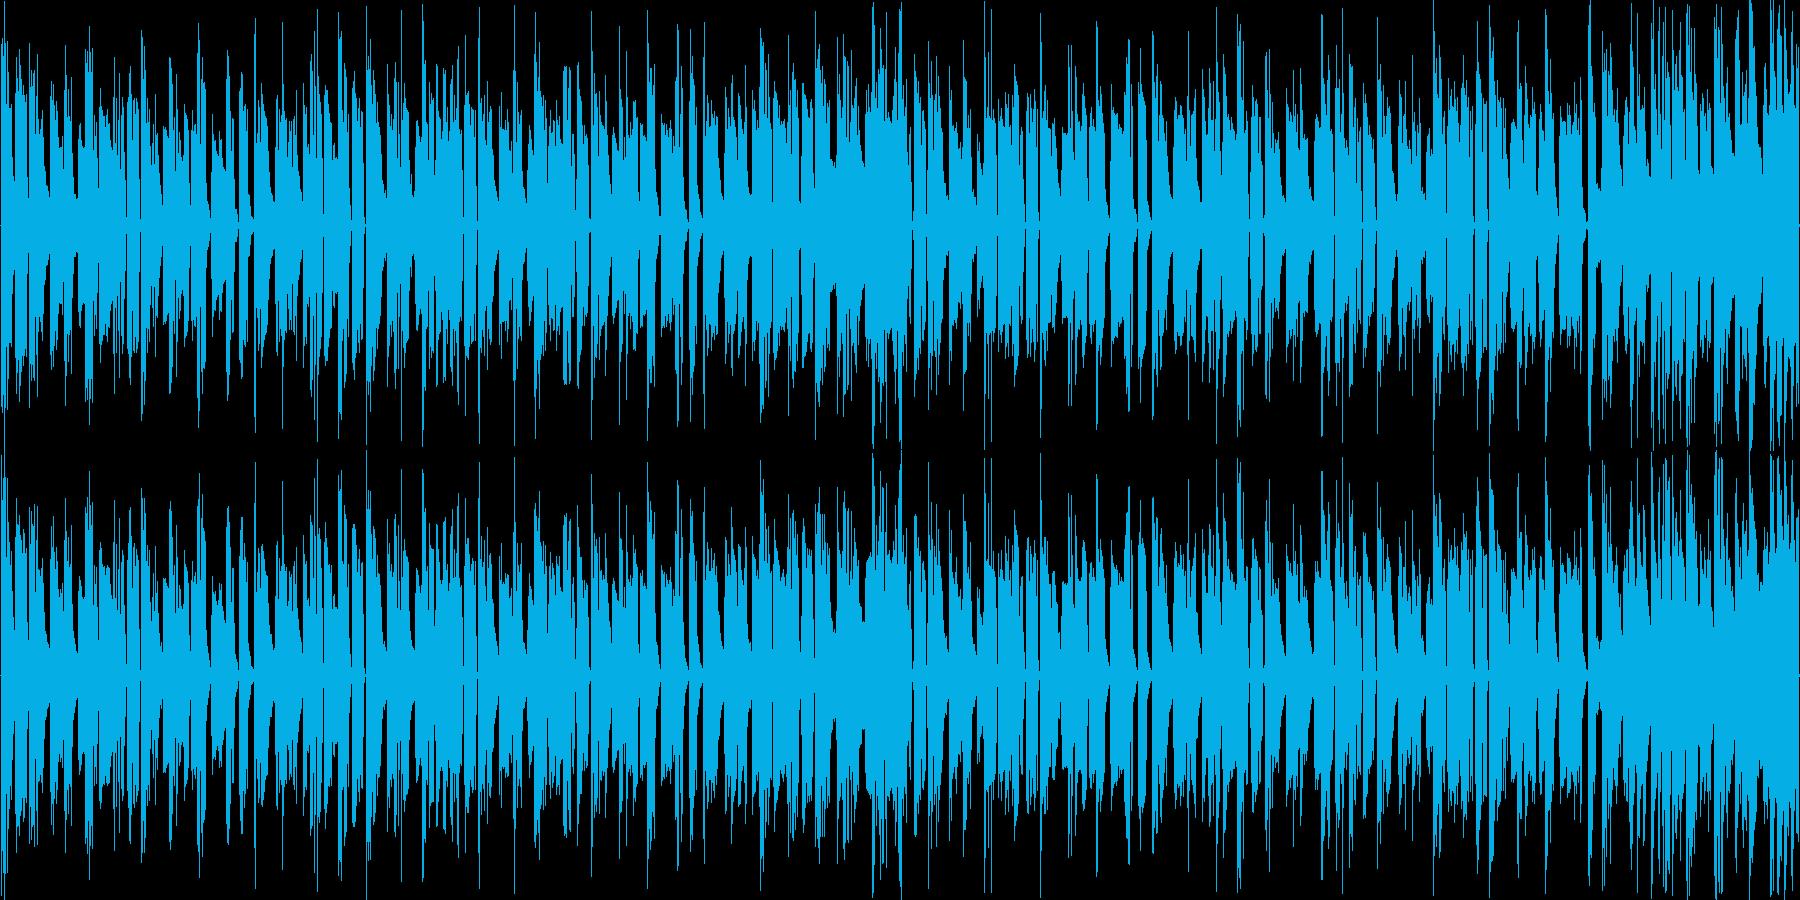 リズムを強調した軽快なエレクトロニカの再生済みの波形